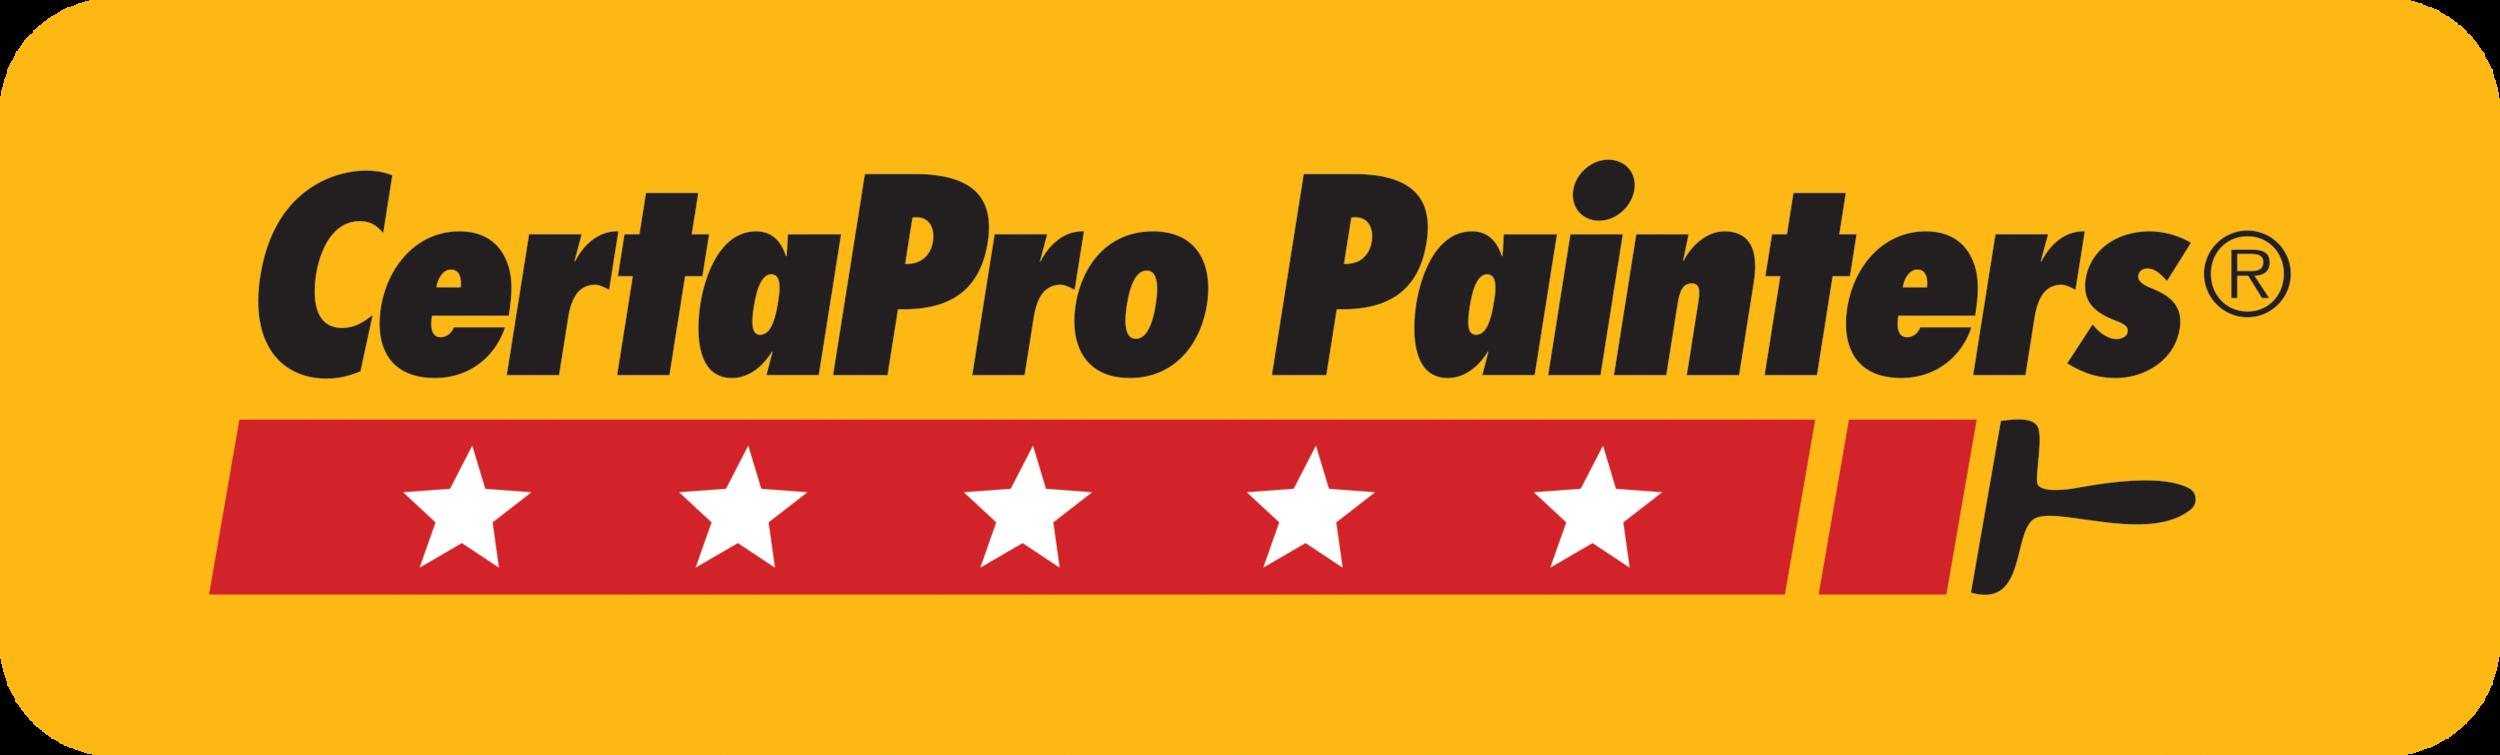 CertaPro Painters.png